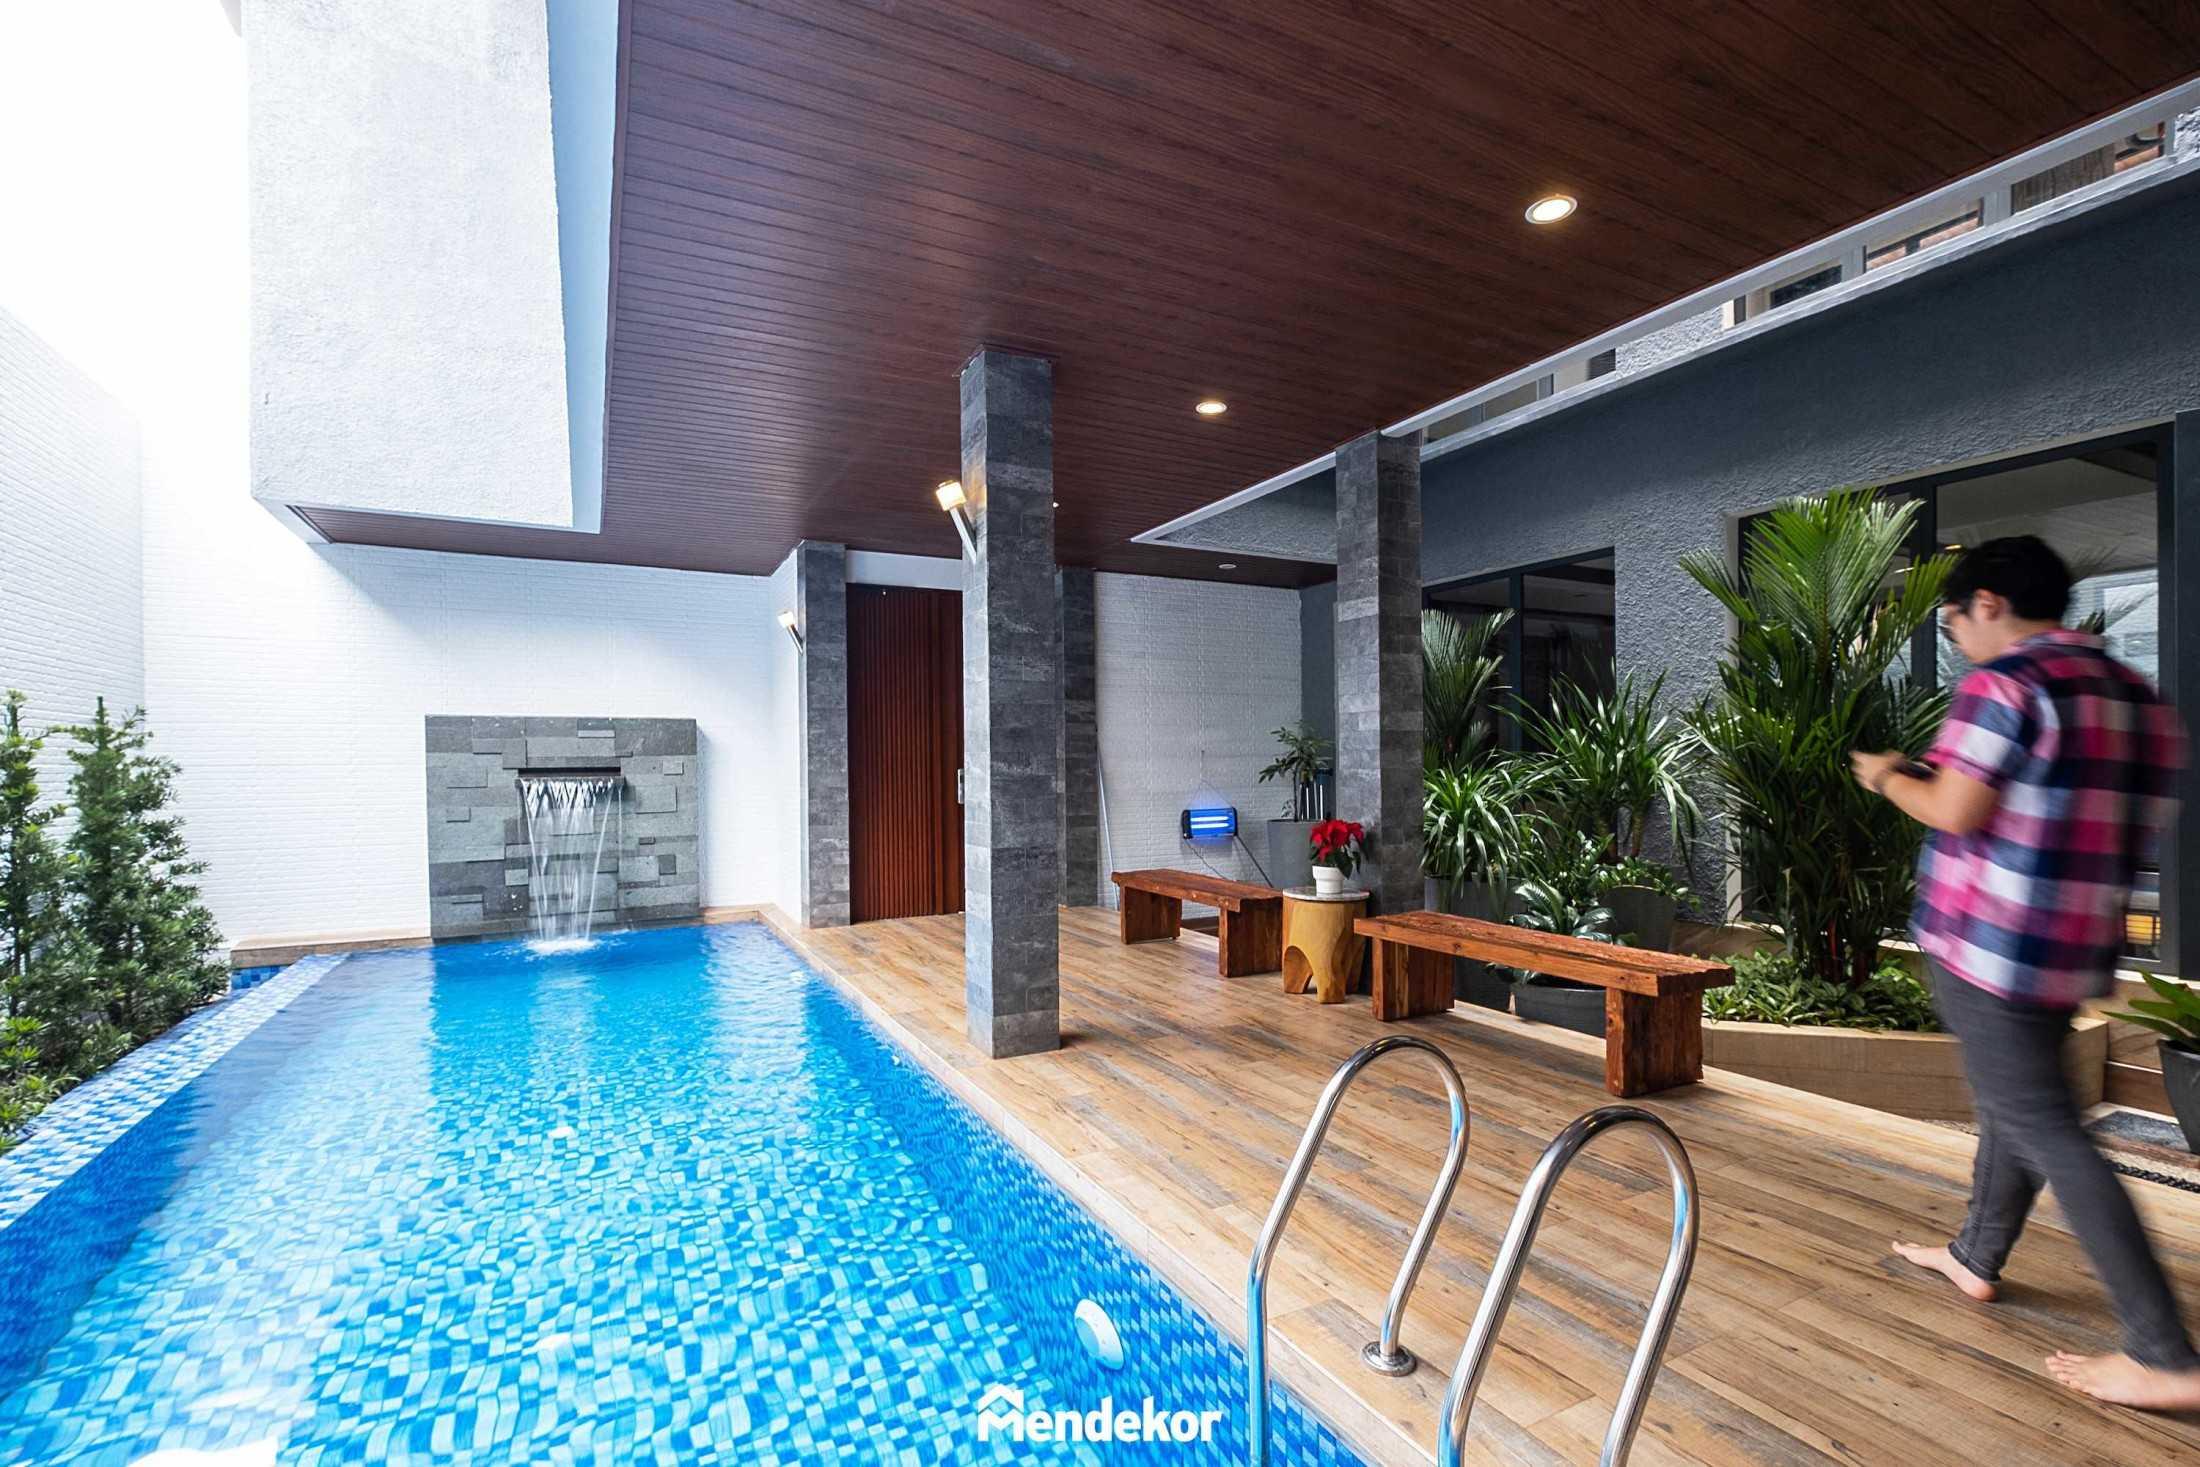 Mendekor Kampung Bali Residence Daerah Khusus Ibukota Jakarta, Indonesia Daerah Khusus Ibukota Jakarta, Indonesia Taman  67656